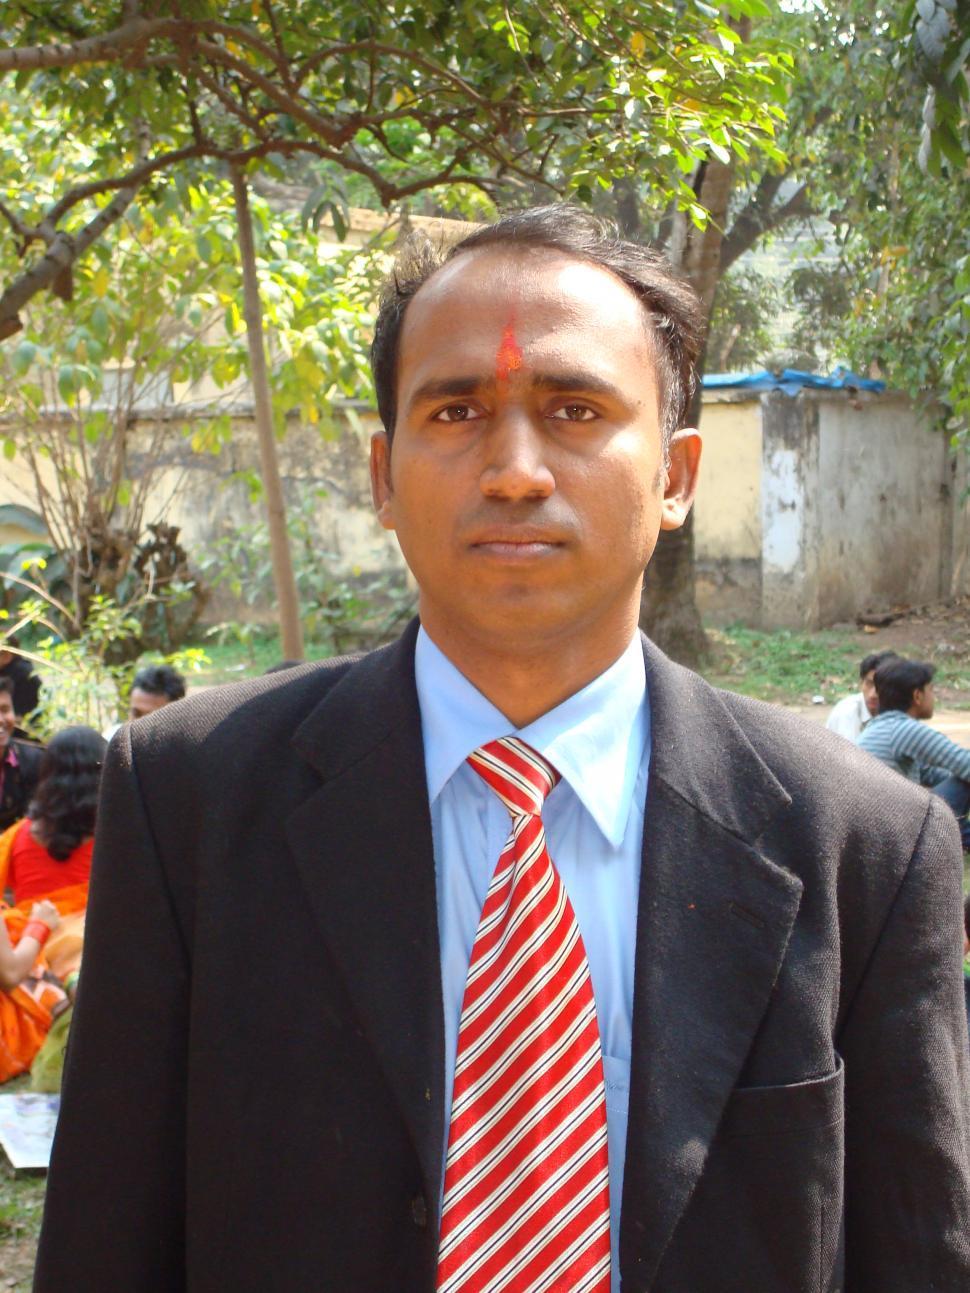 Download Free Stock Photo of Bengali Man